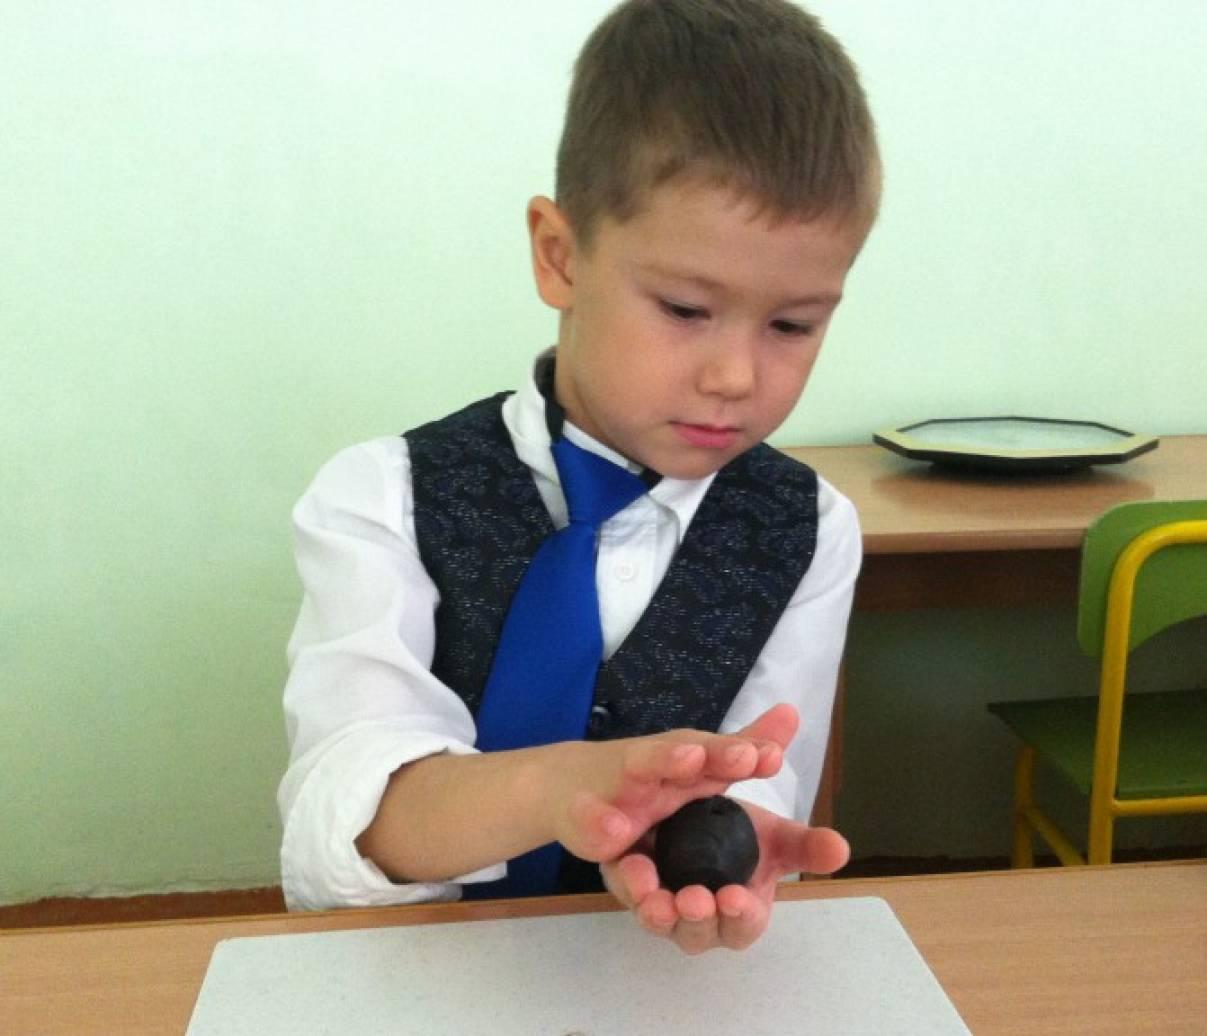 Фотоотчет о занятии по лепке из глины «Бирское яблоко»